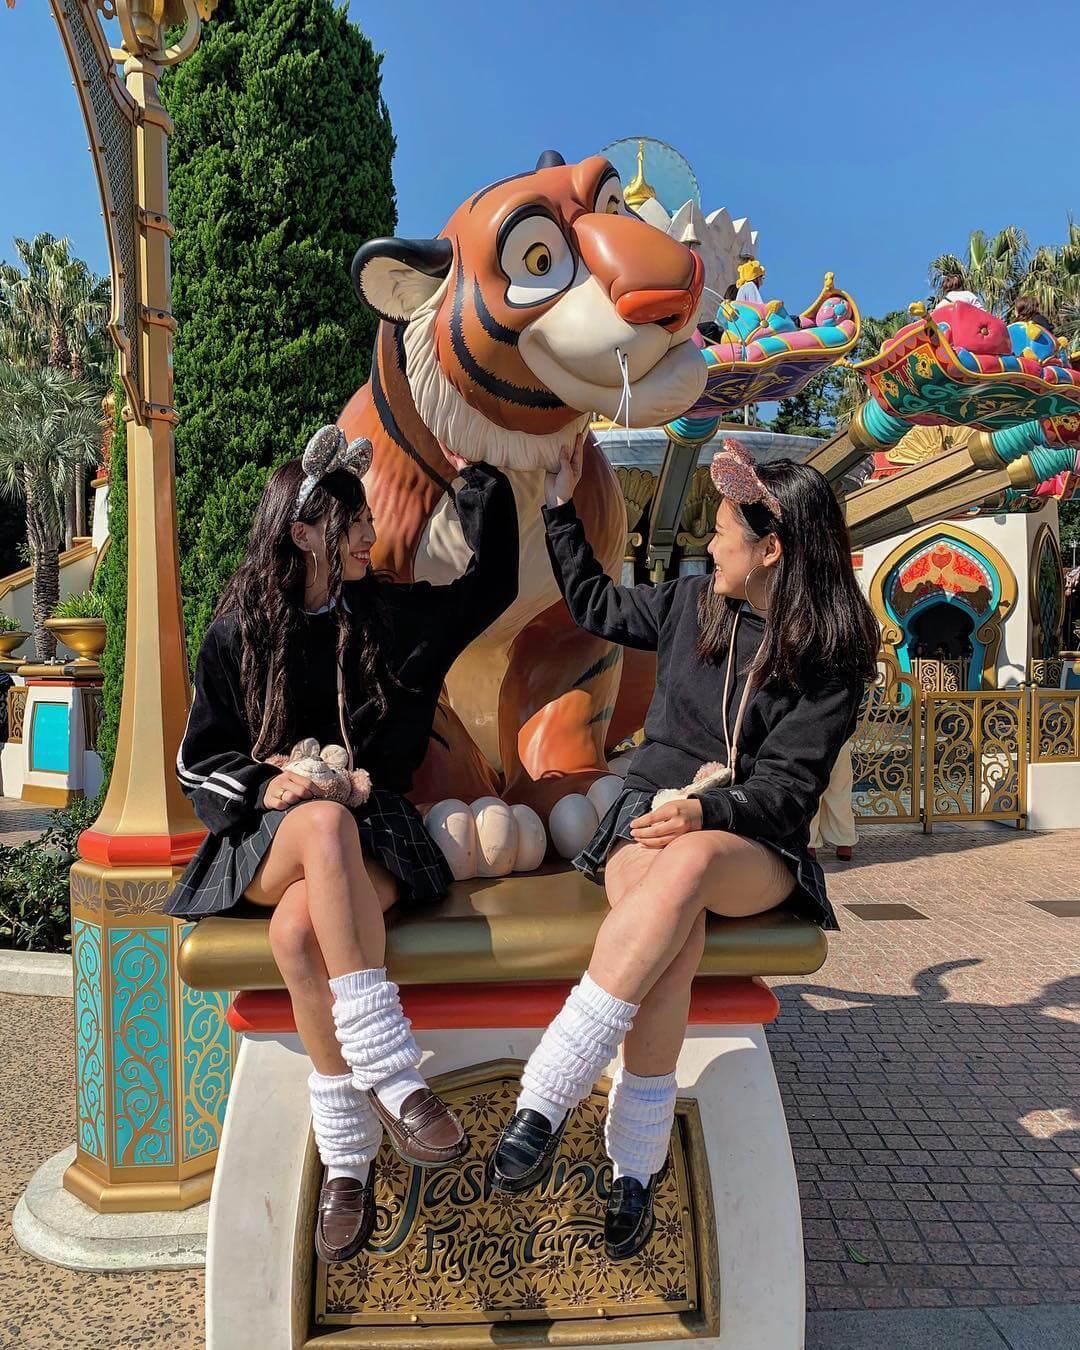 【画像】四つん這いになって脚組み女子高生に座ってほしいよな?wwww